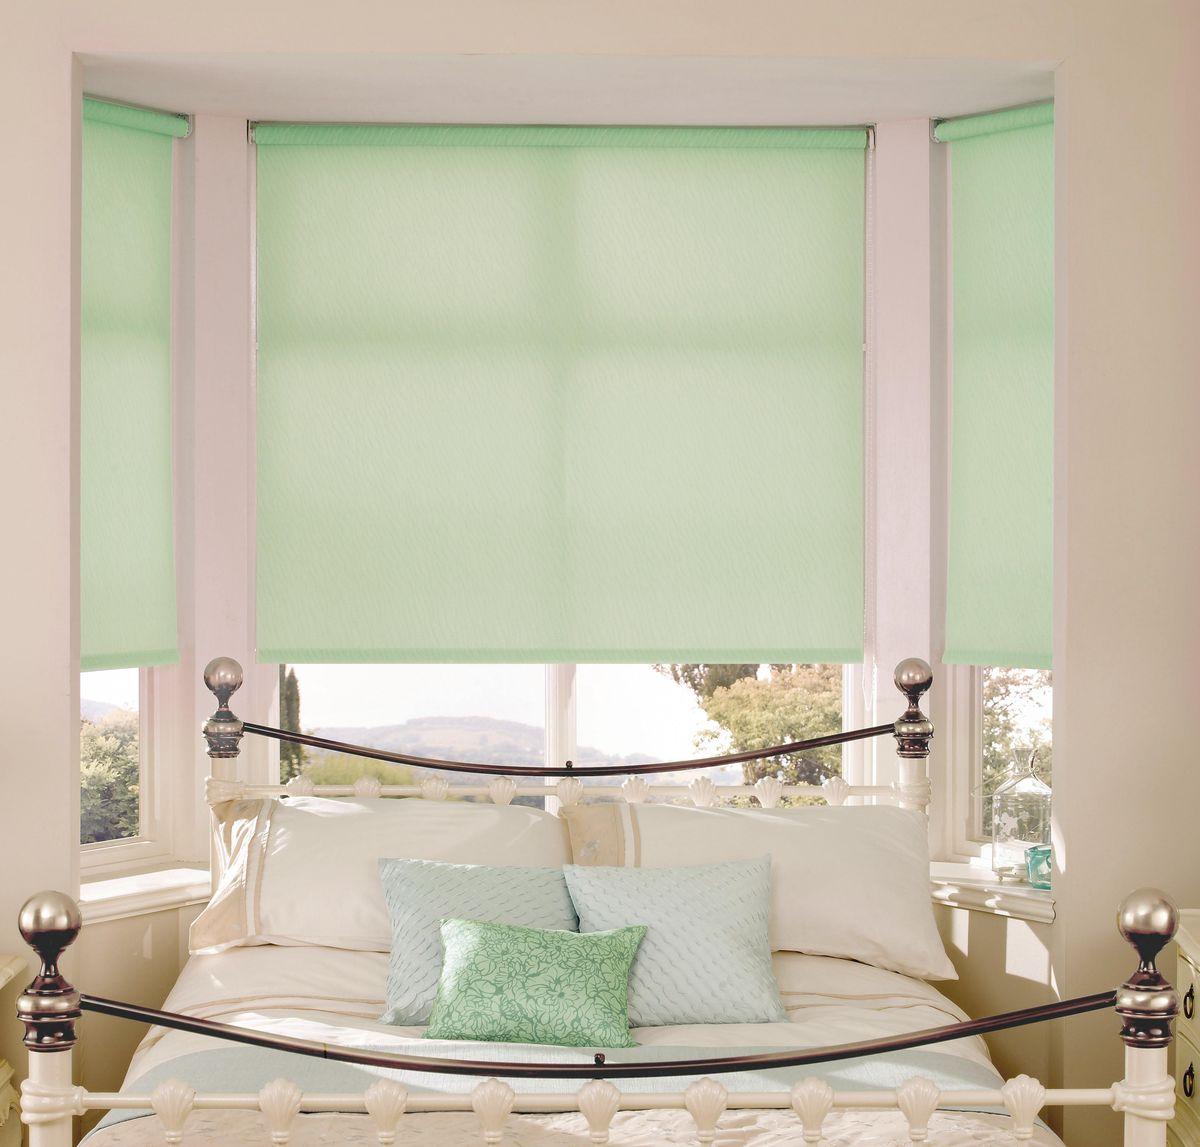 Штора рулонная Эскар, цвет: светло-зеленый, ширина 160 см, высота 170 см81017160170Рулонными шторами можно оформлять окна как самостоятельно, так и использовать в комбинации с портьерами. Это поможет предотвратить выгорание дорогой ткани на солнце и соединит функционал рулонных с красотой навесных. Преимущества применения рулонных штор для пластиковых окон: - имеют прекрасный внешний вид: многообразие и фактурность материала изделия отлично смотрятся в любом интерьере; - многофункциональны: есть возможность подобрать шторы способные эффективно защитить комнату от солнца, при этом о на не будет слишком темной. - Есть возможность осуществить быстрый монтаж. ВНИМАНИЕ! Размеры ширины изделия указаны по ширине ткани! Во время эксплуатации не рекомендуется полностью разматывать рулон, чтобы не оторвать ткань от намоточного вала. В случае загрязнения поверхности ткани, чистку шторы проводят одним из способов, в зависимости от типа загрязнения: легкое поверхностное загрязнение можно удалить при помощи...